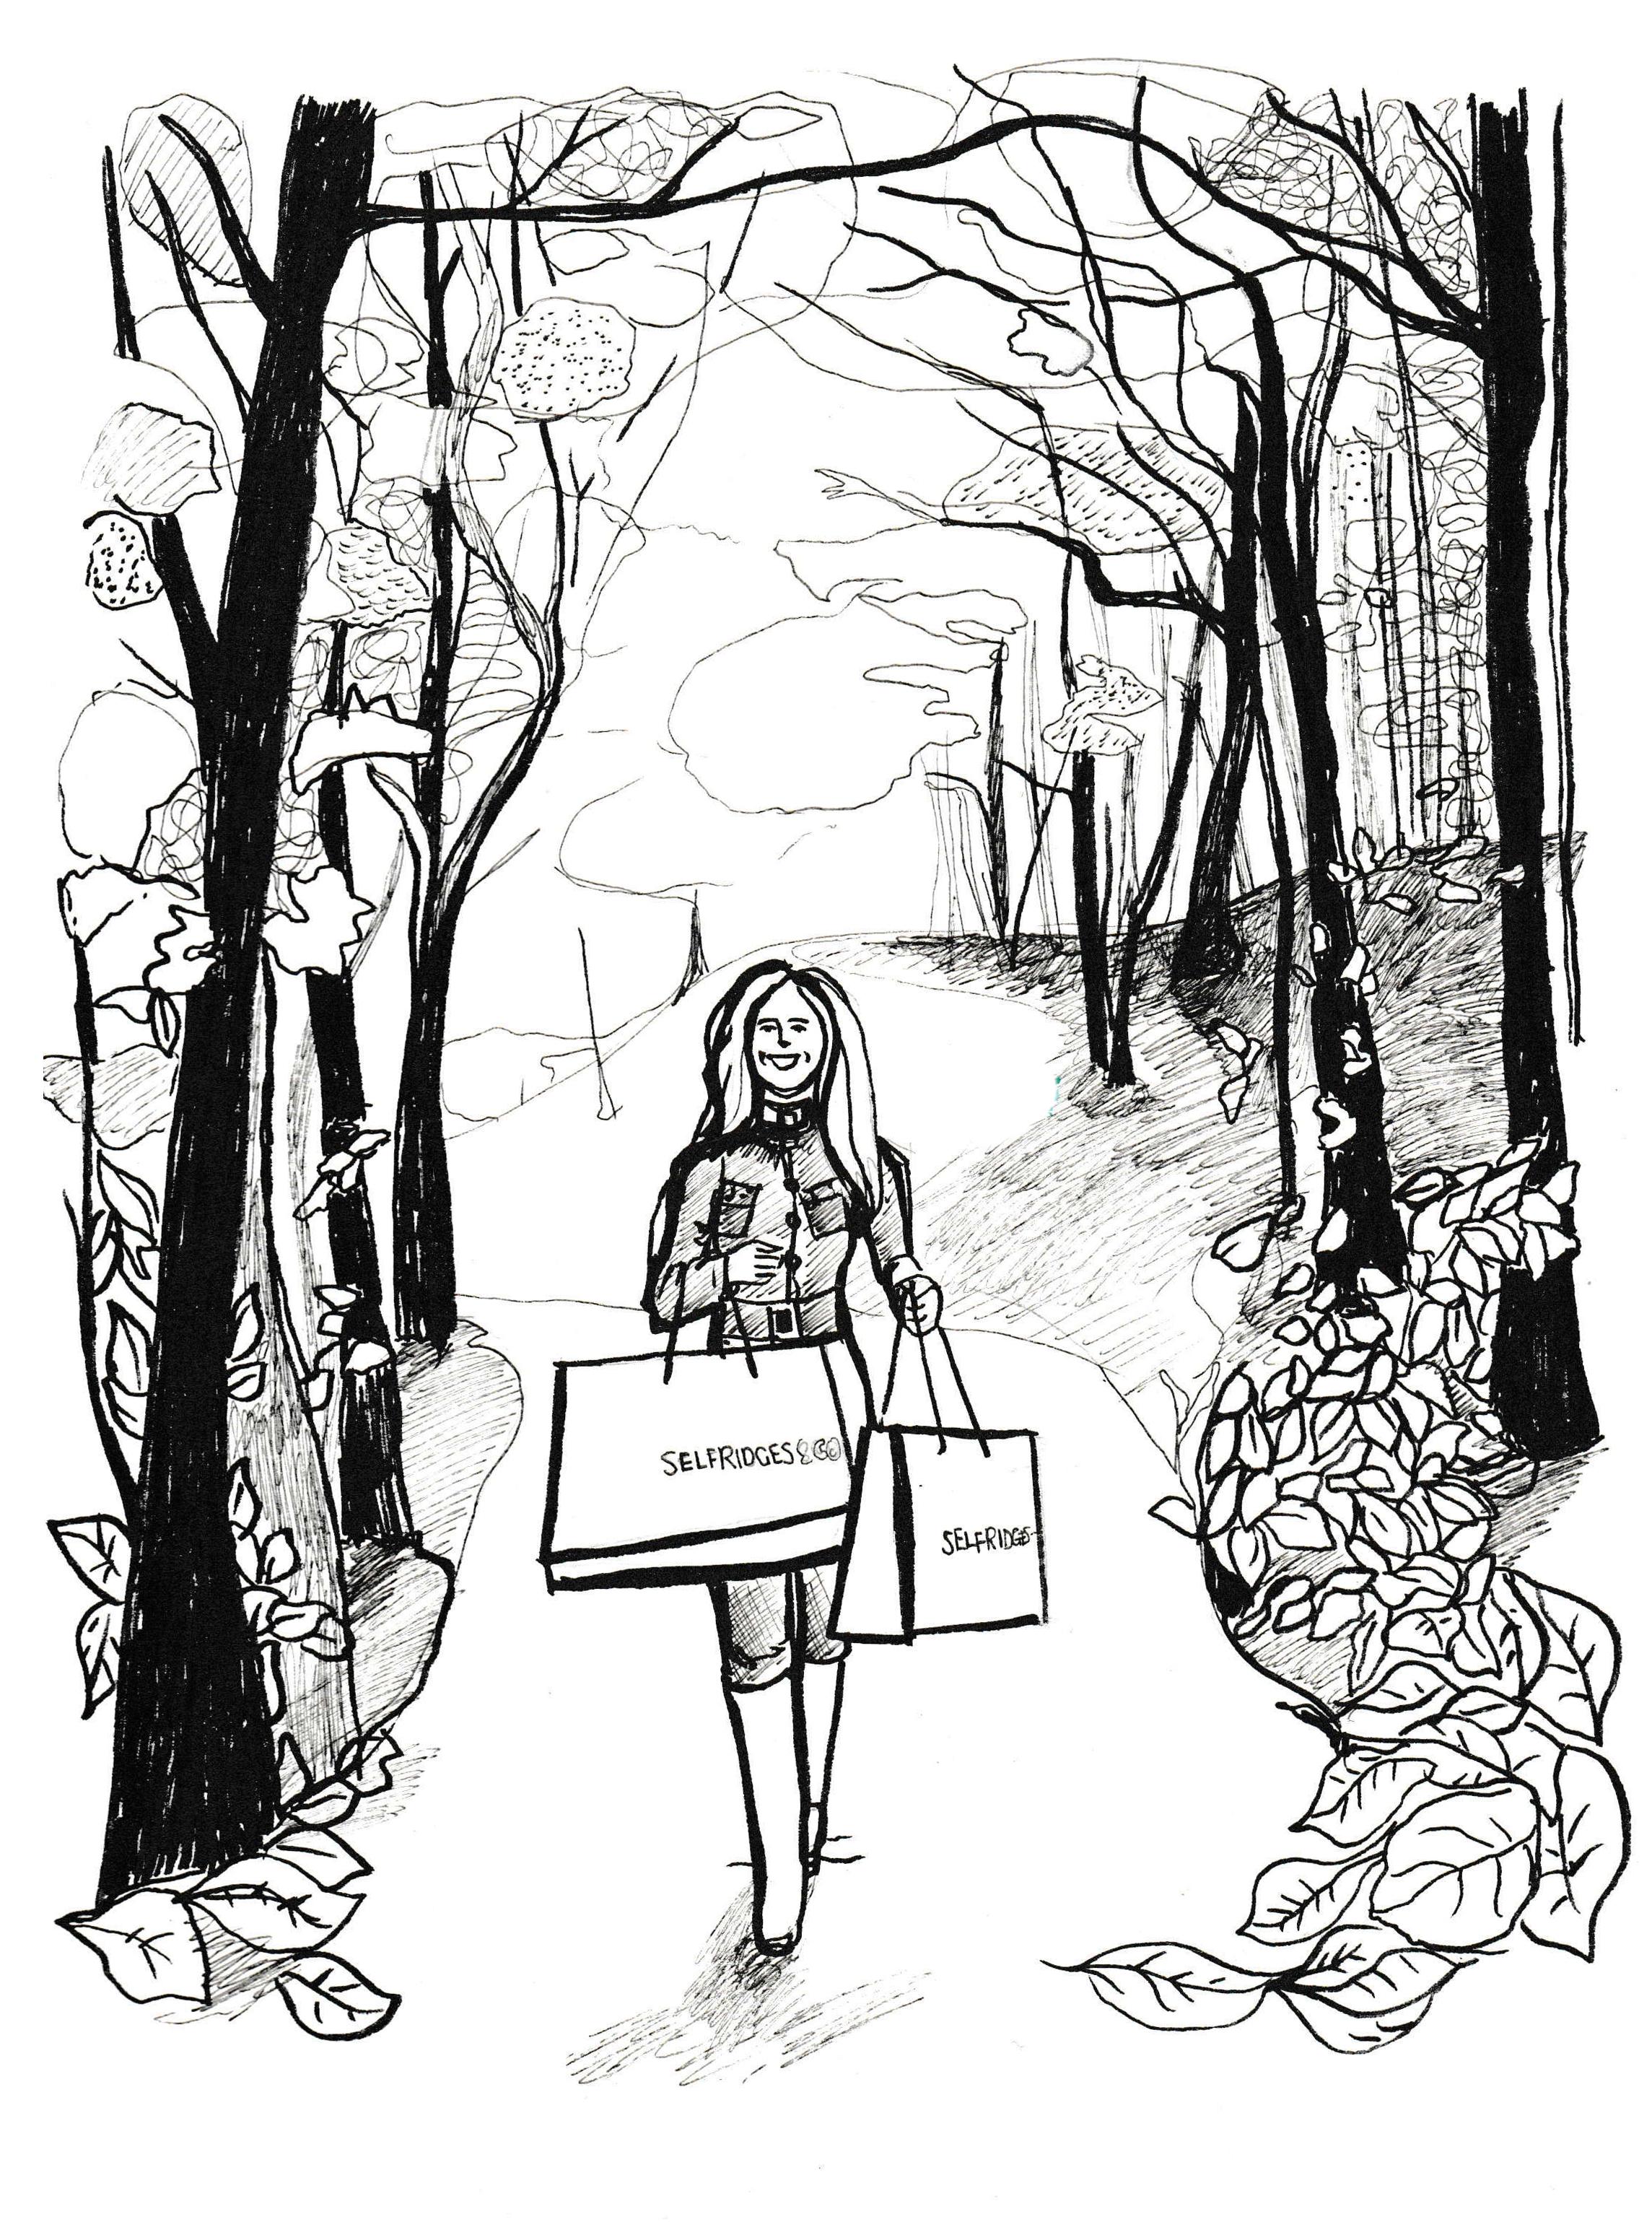 Illustration for Selfridges